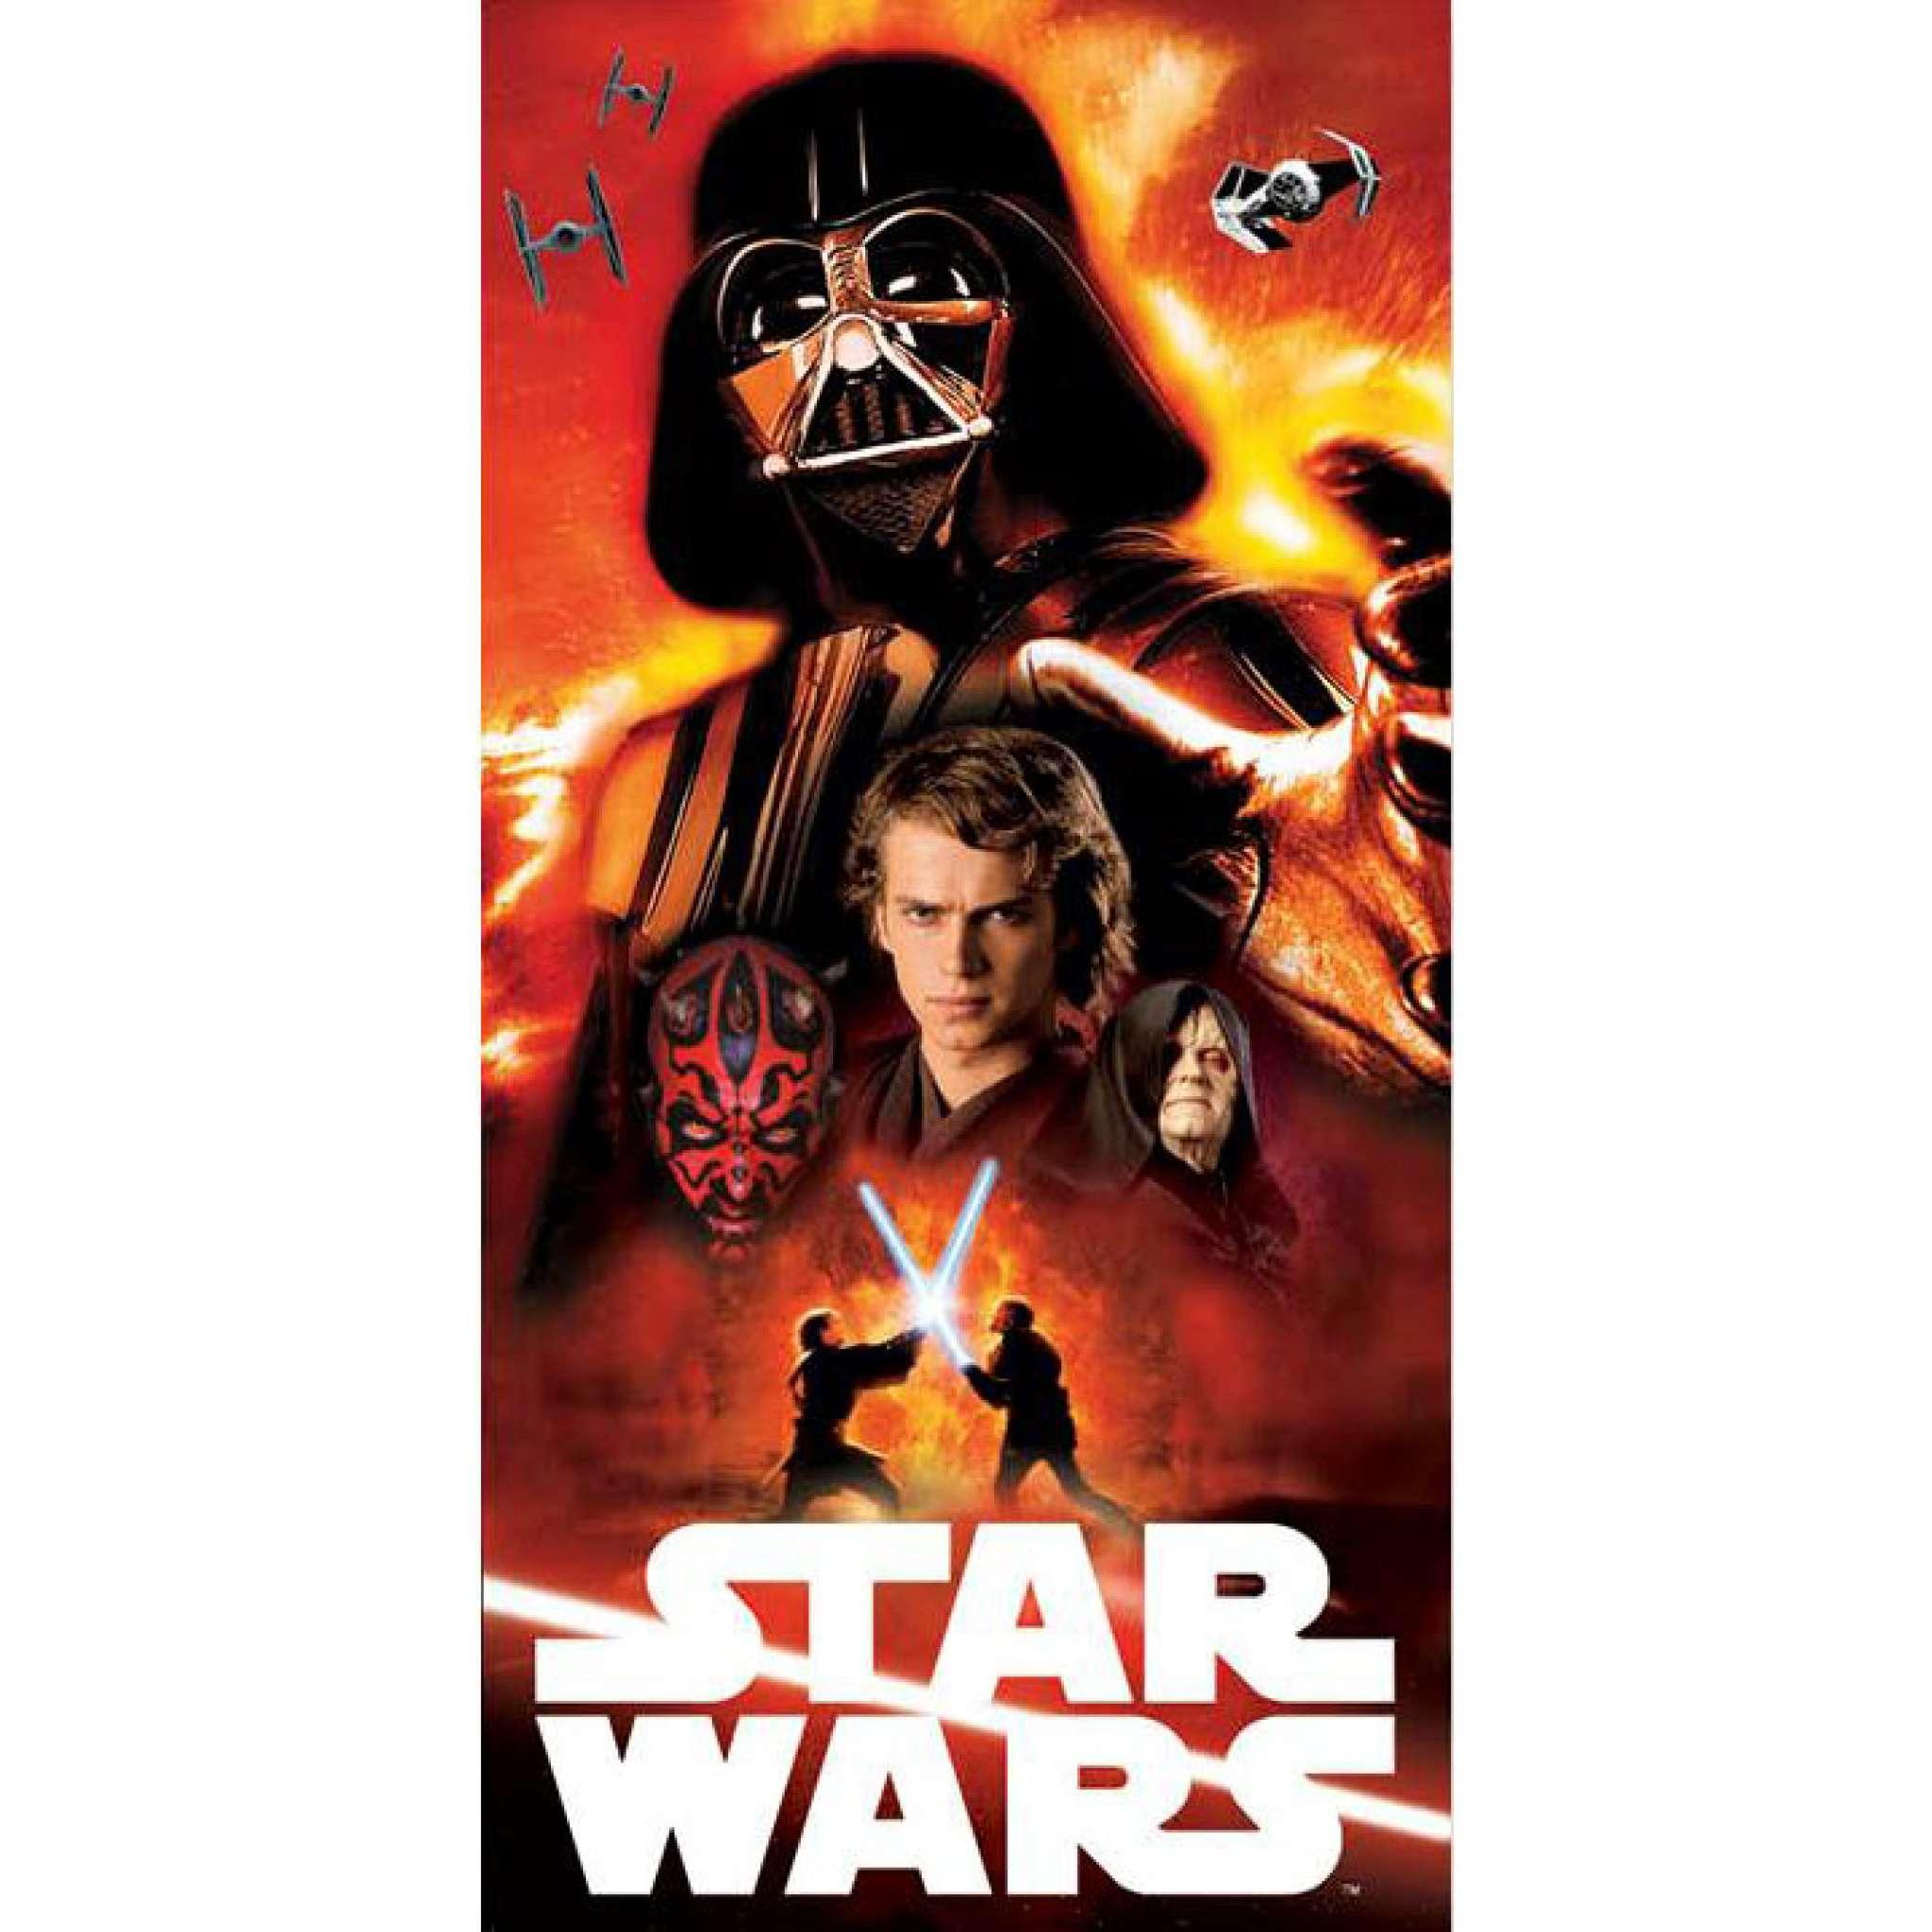 Star Wars Badhandduk